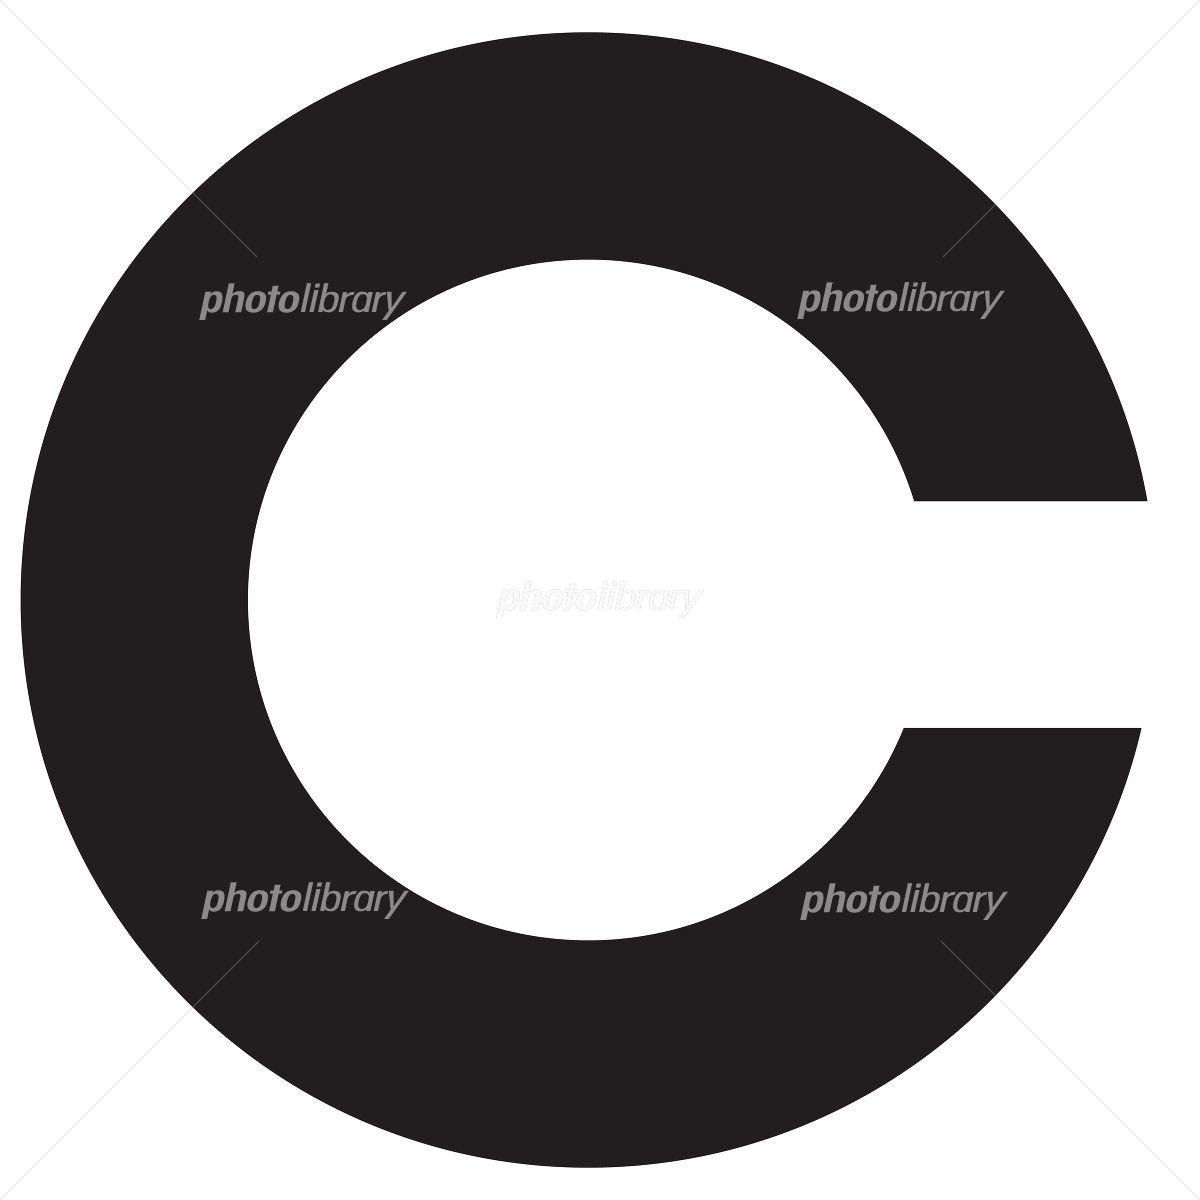 ランドルト環のイラスト素材 無料 フリー